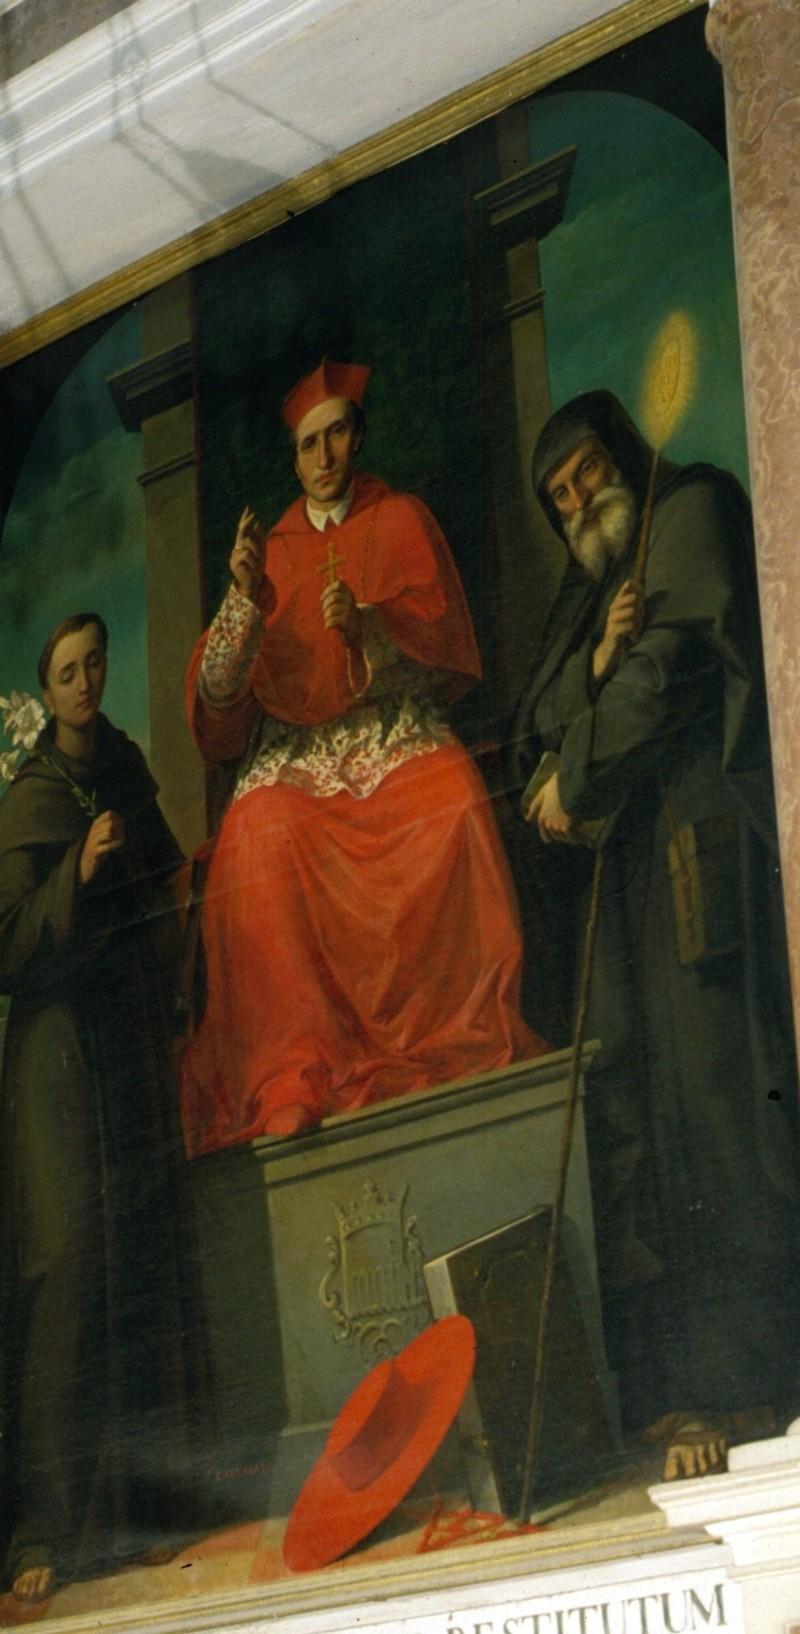 Aguiari T. (1857), San Carlo Borromeo tra i Santi Antonio e Francesco di Paola